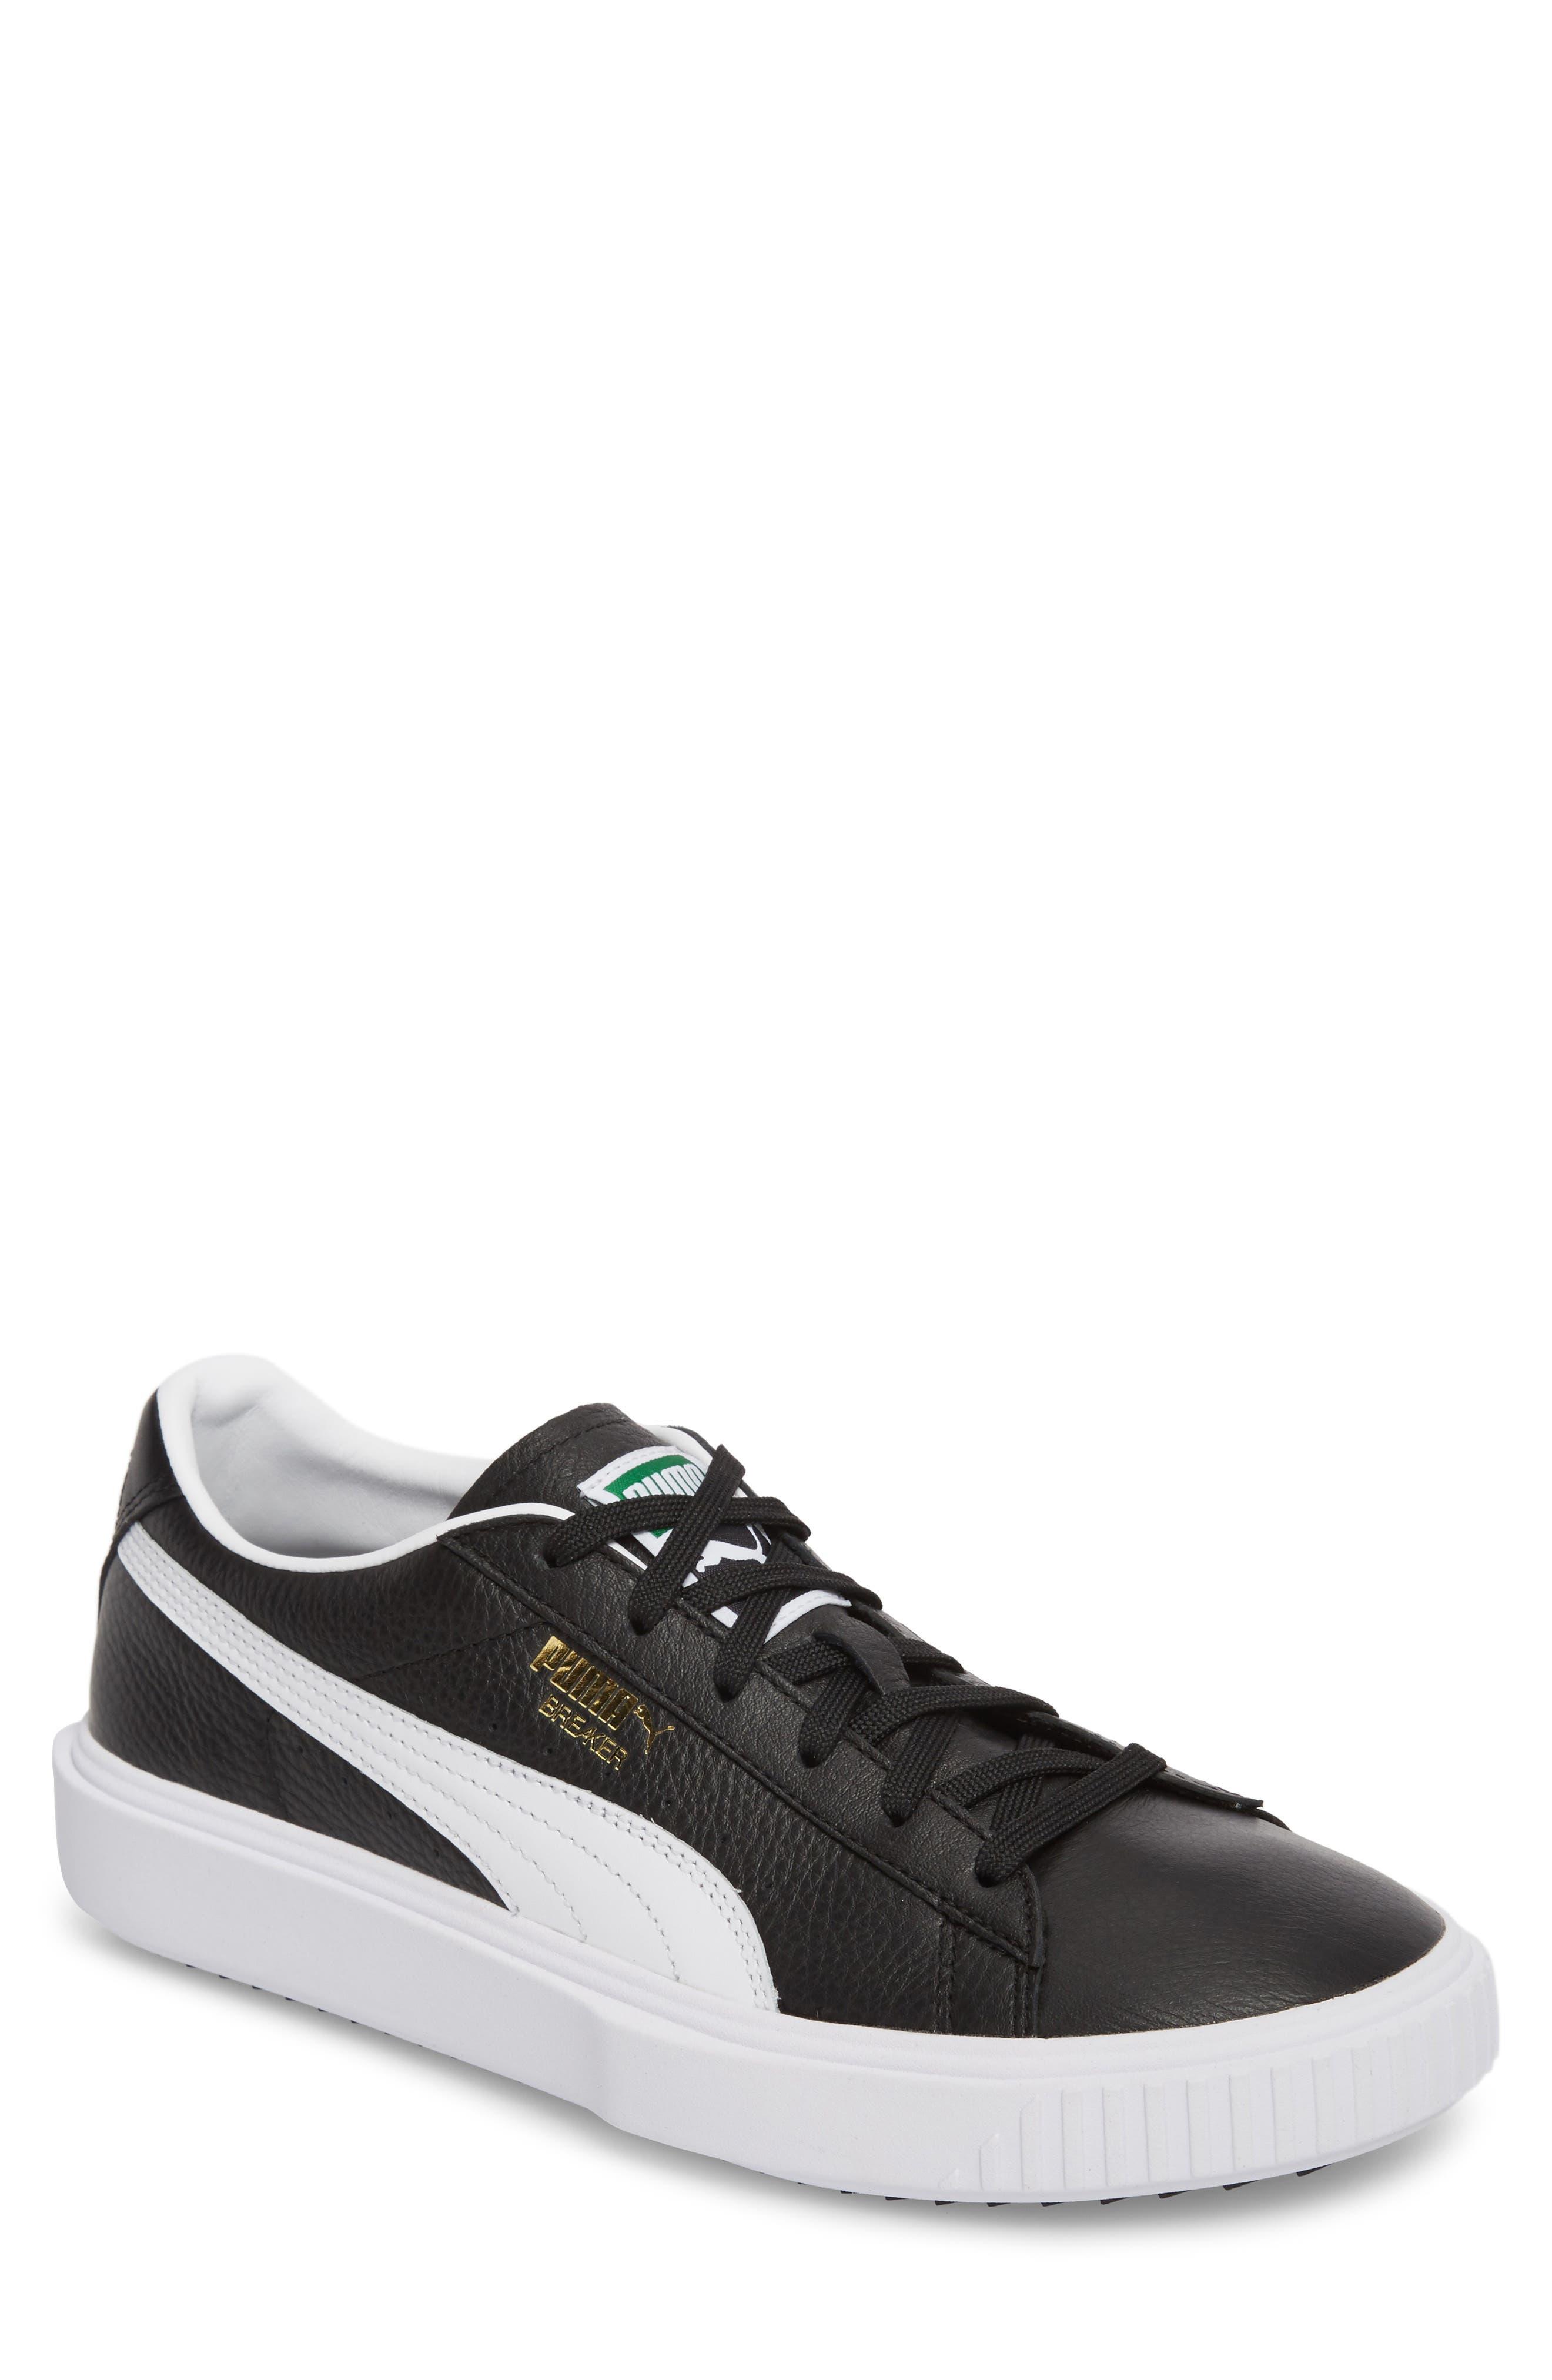 Main Image - PUMA Breaker Low Top Sneaker (Men)